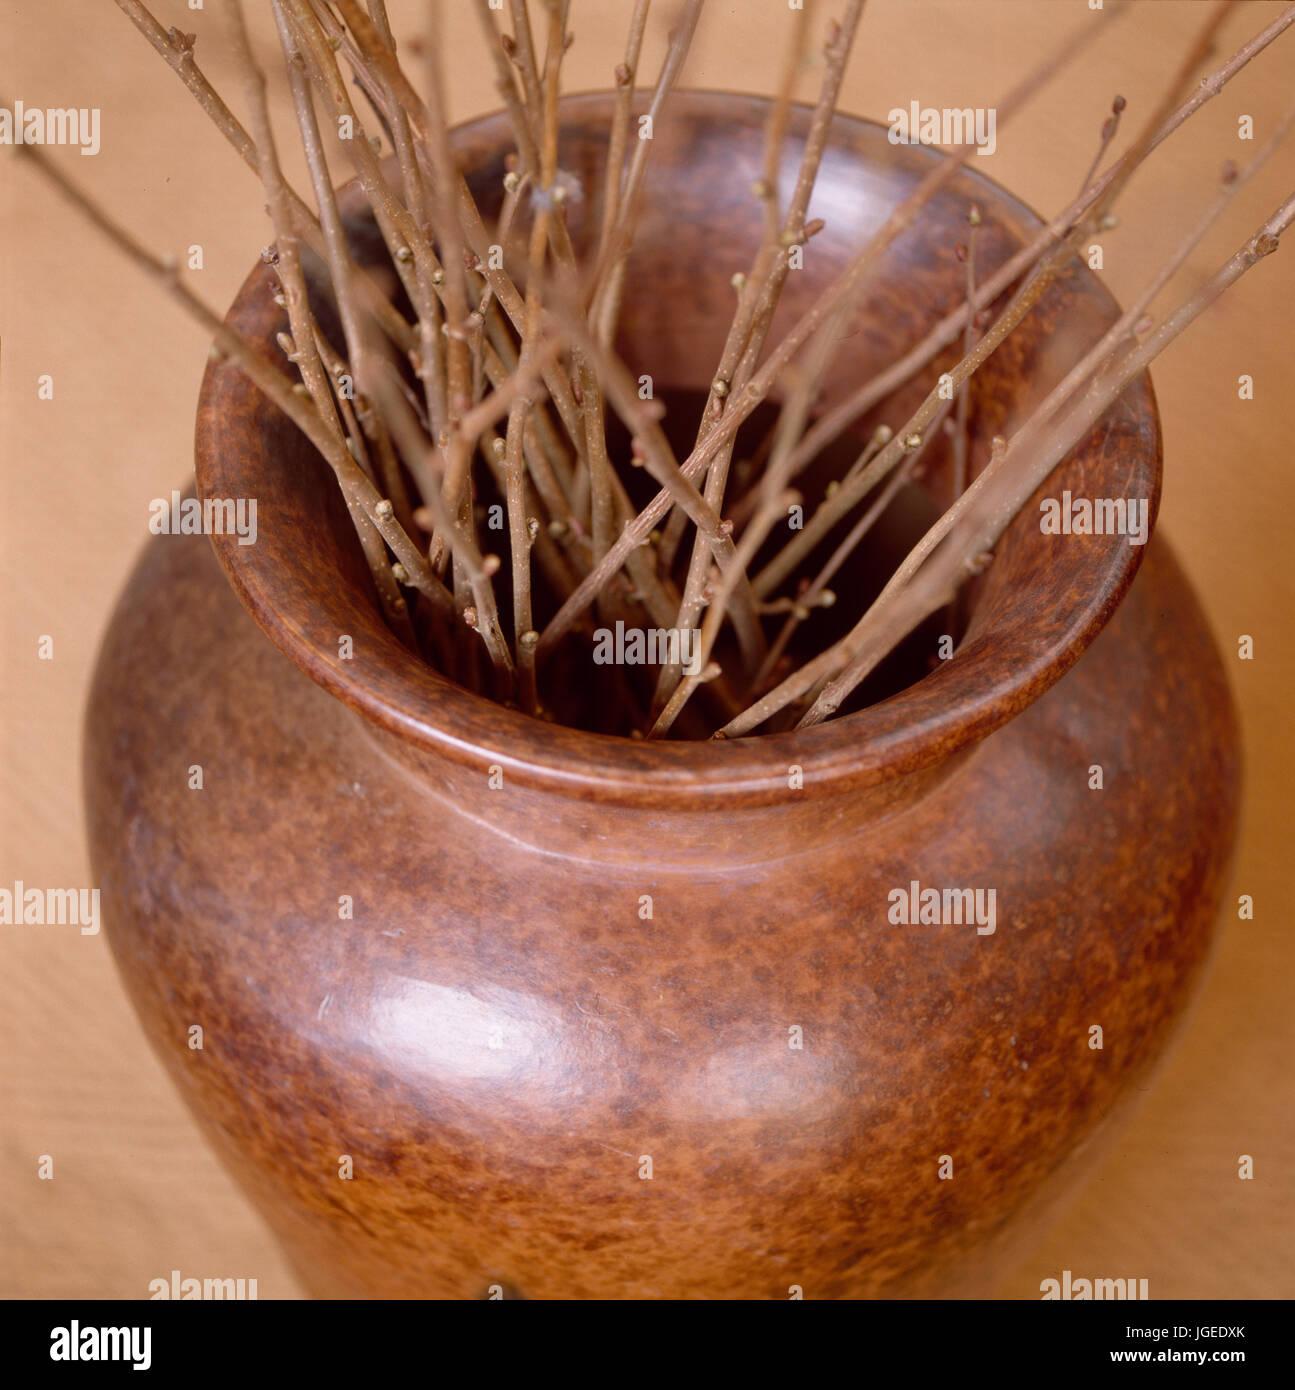 Closeup of polished wood vase holding twigs - Stock Image